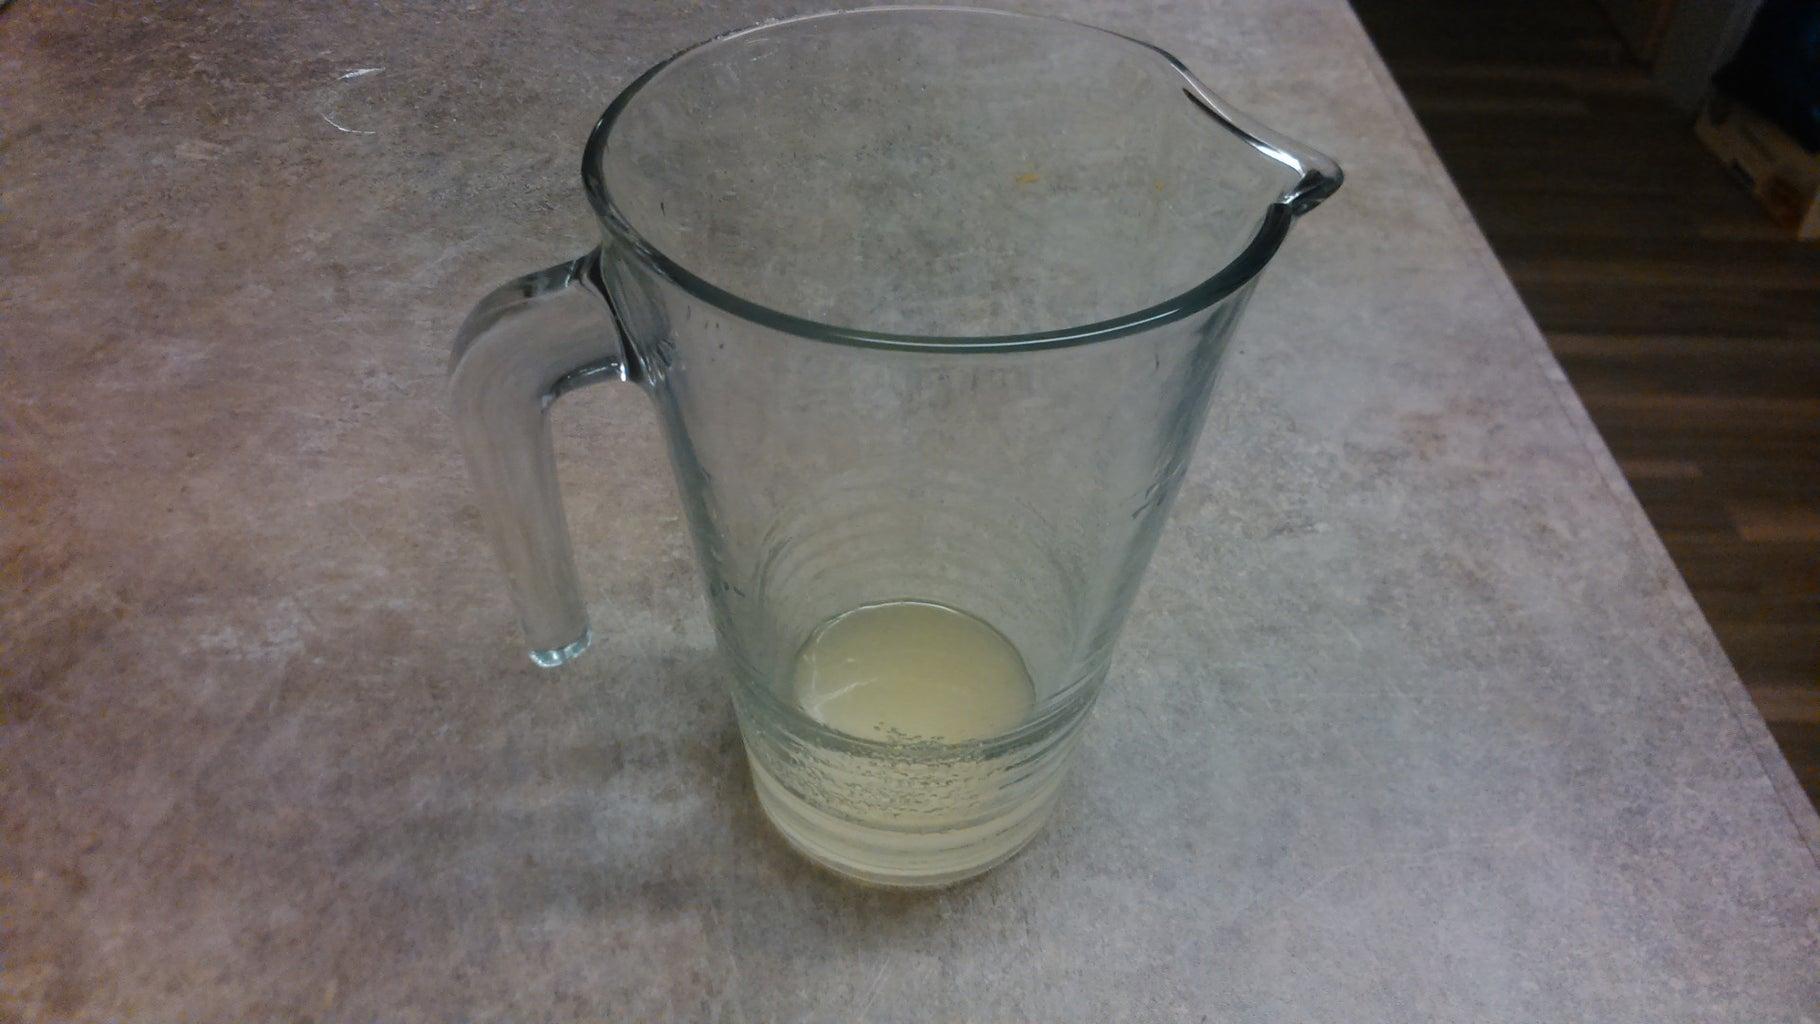 Lemon Juice and Sugar - Boil Water